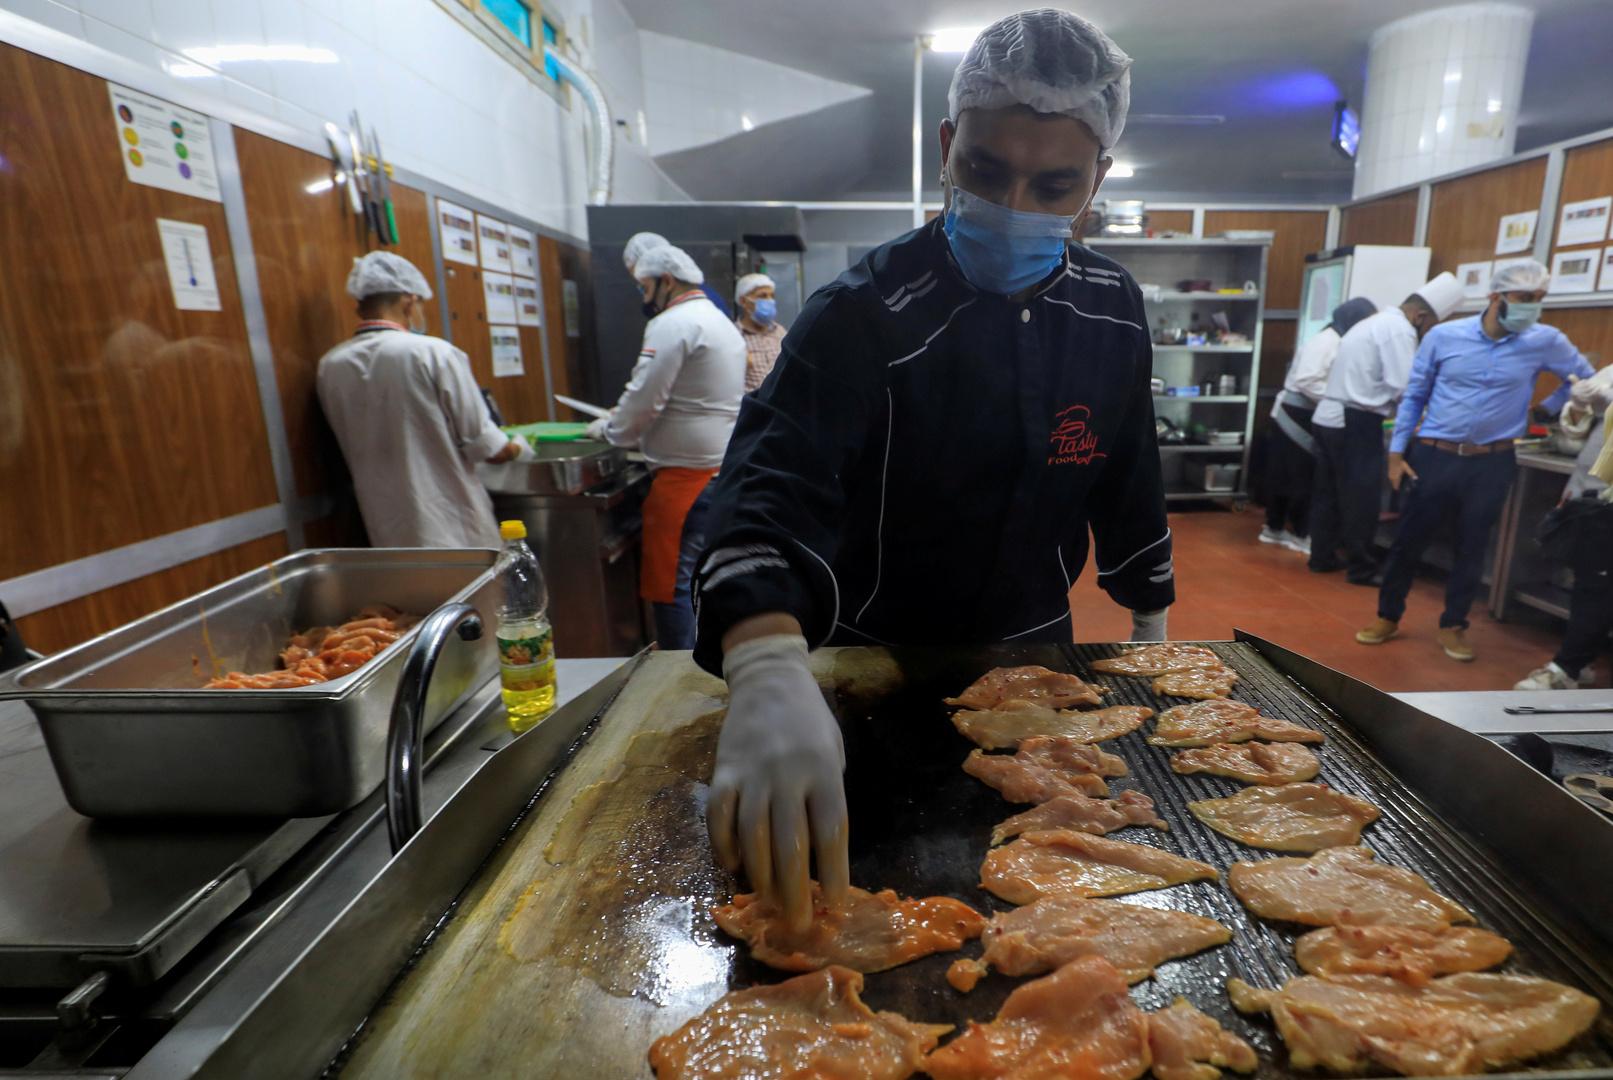 مصر تسجل 668 إصابة جديدة بفيروس كورونا و40 حالة وفاة